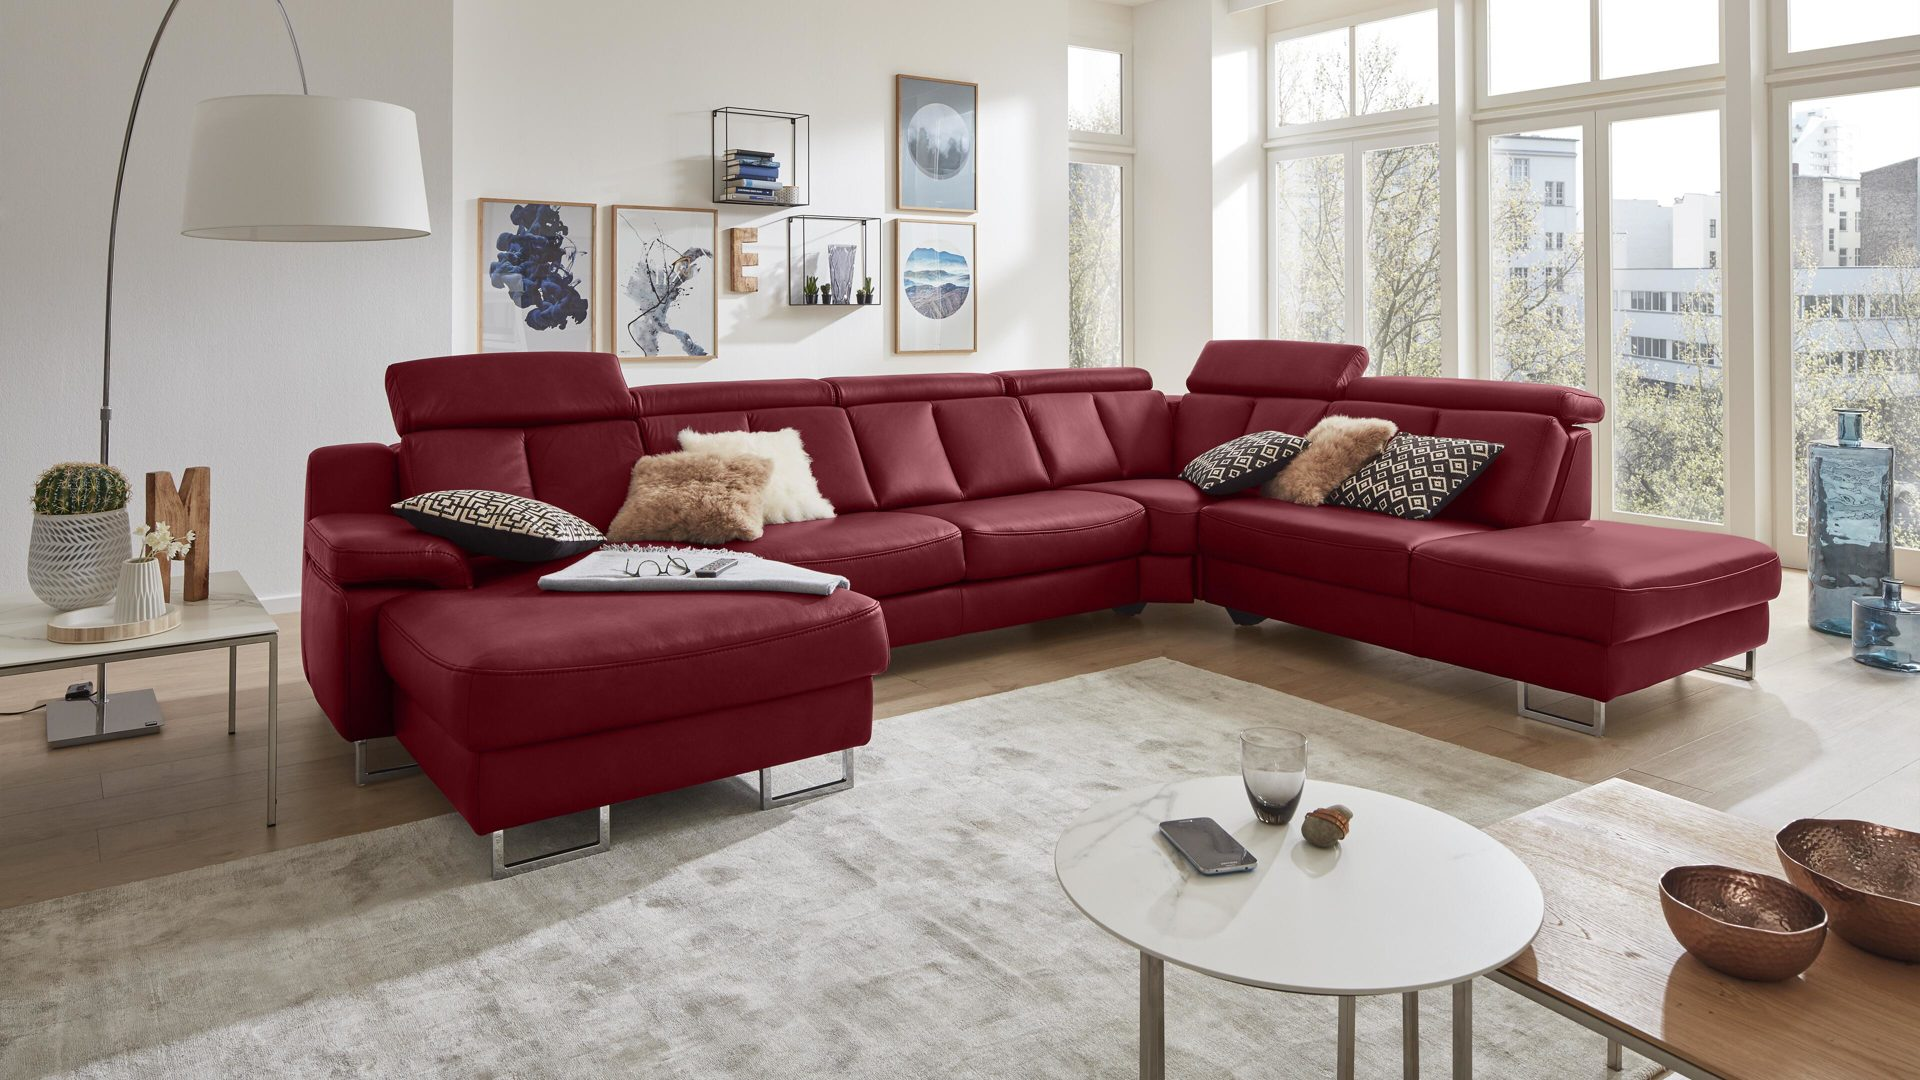 Möbel Boer Coesfeld, Räume, Wohnzimmer, Sofas + Couches, Interliving